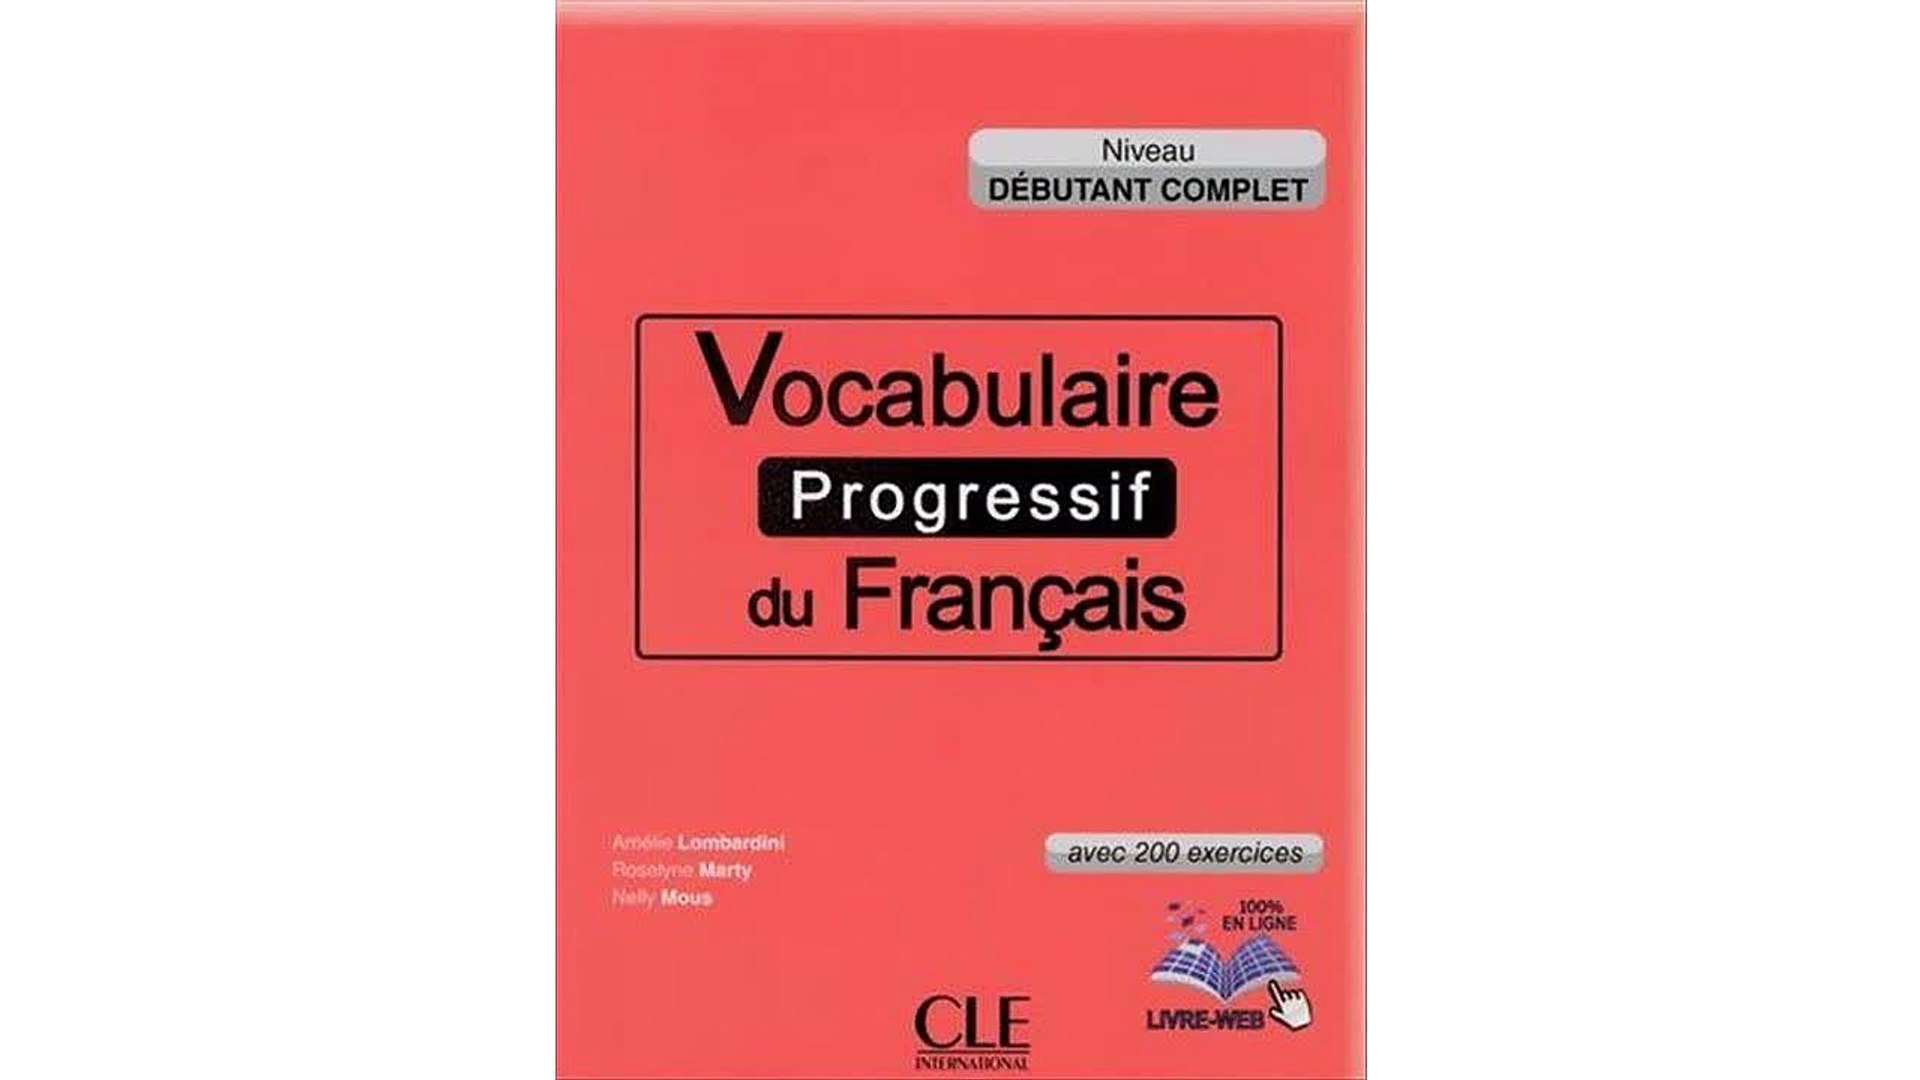 Telecharger Vocabulaire Progressif Du Francais Niveau Debutant Complet Livre Cd Livre Web